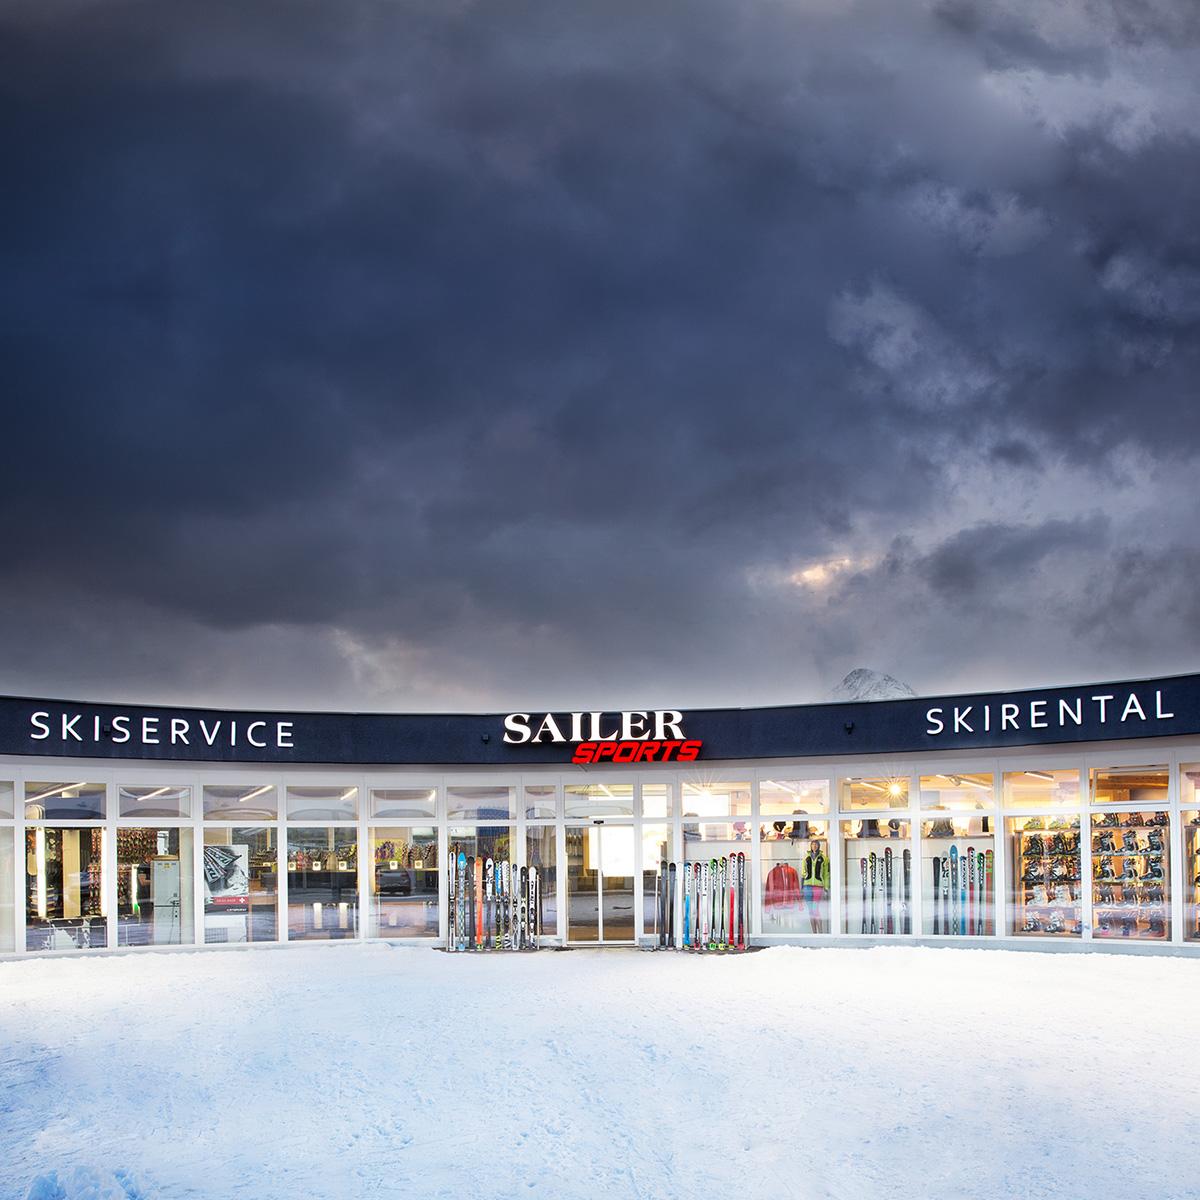 SAILER-Sport-Seefeld-Image-Hoover-Startseite-tirol-Austria-rosshuette-lift-depot-ski-zoom